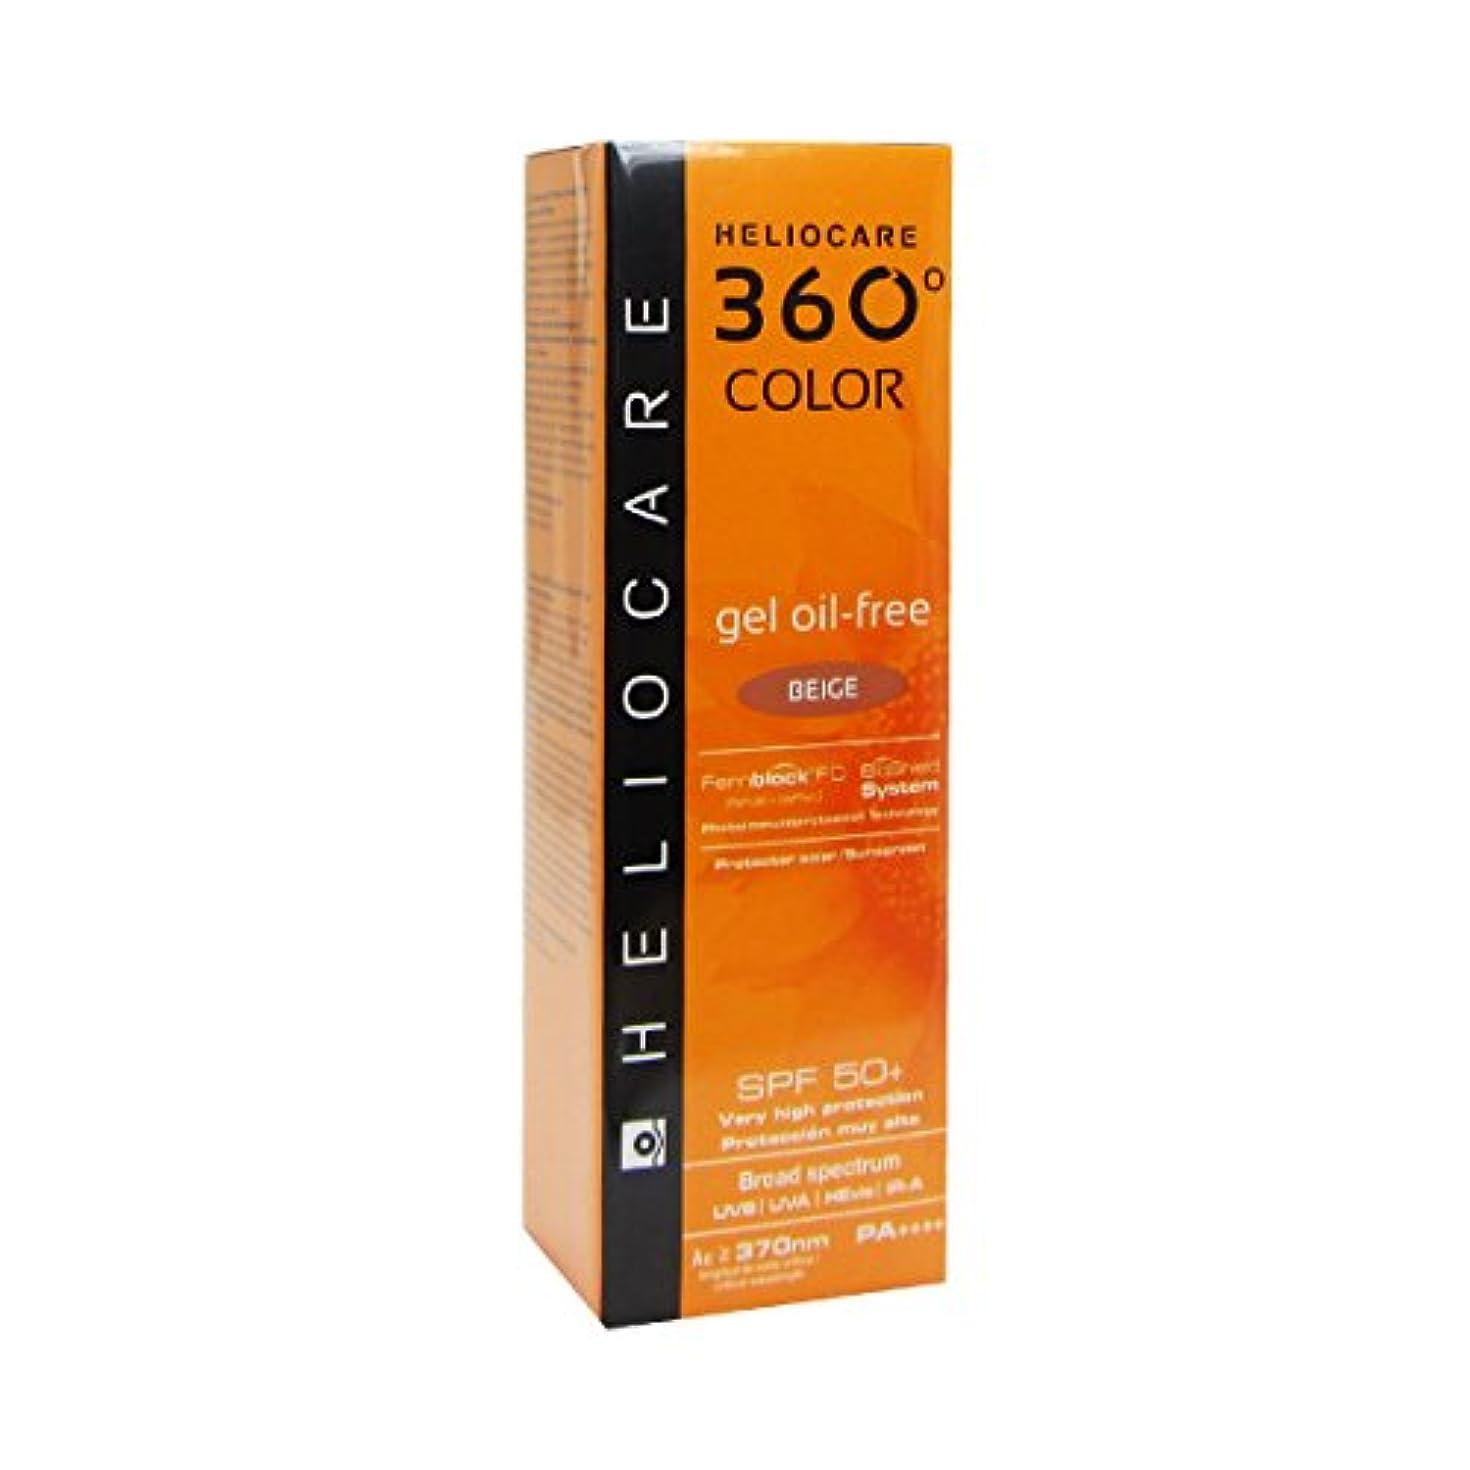 宣教師証言する荒廃するHeliocare 360 Gel-color Oil-free Spf50 Beige 50ml [並行輸入品]